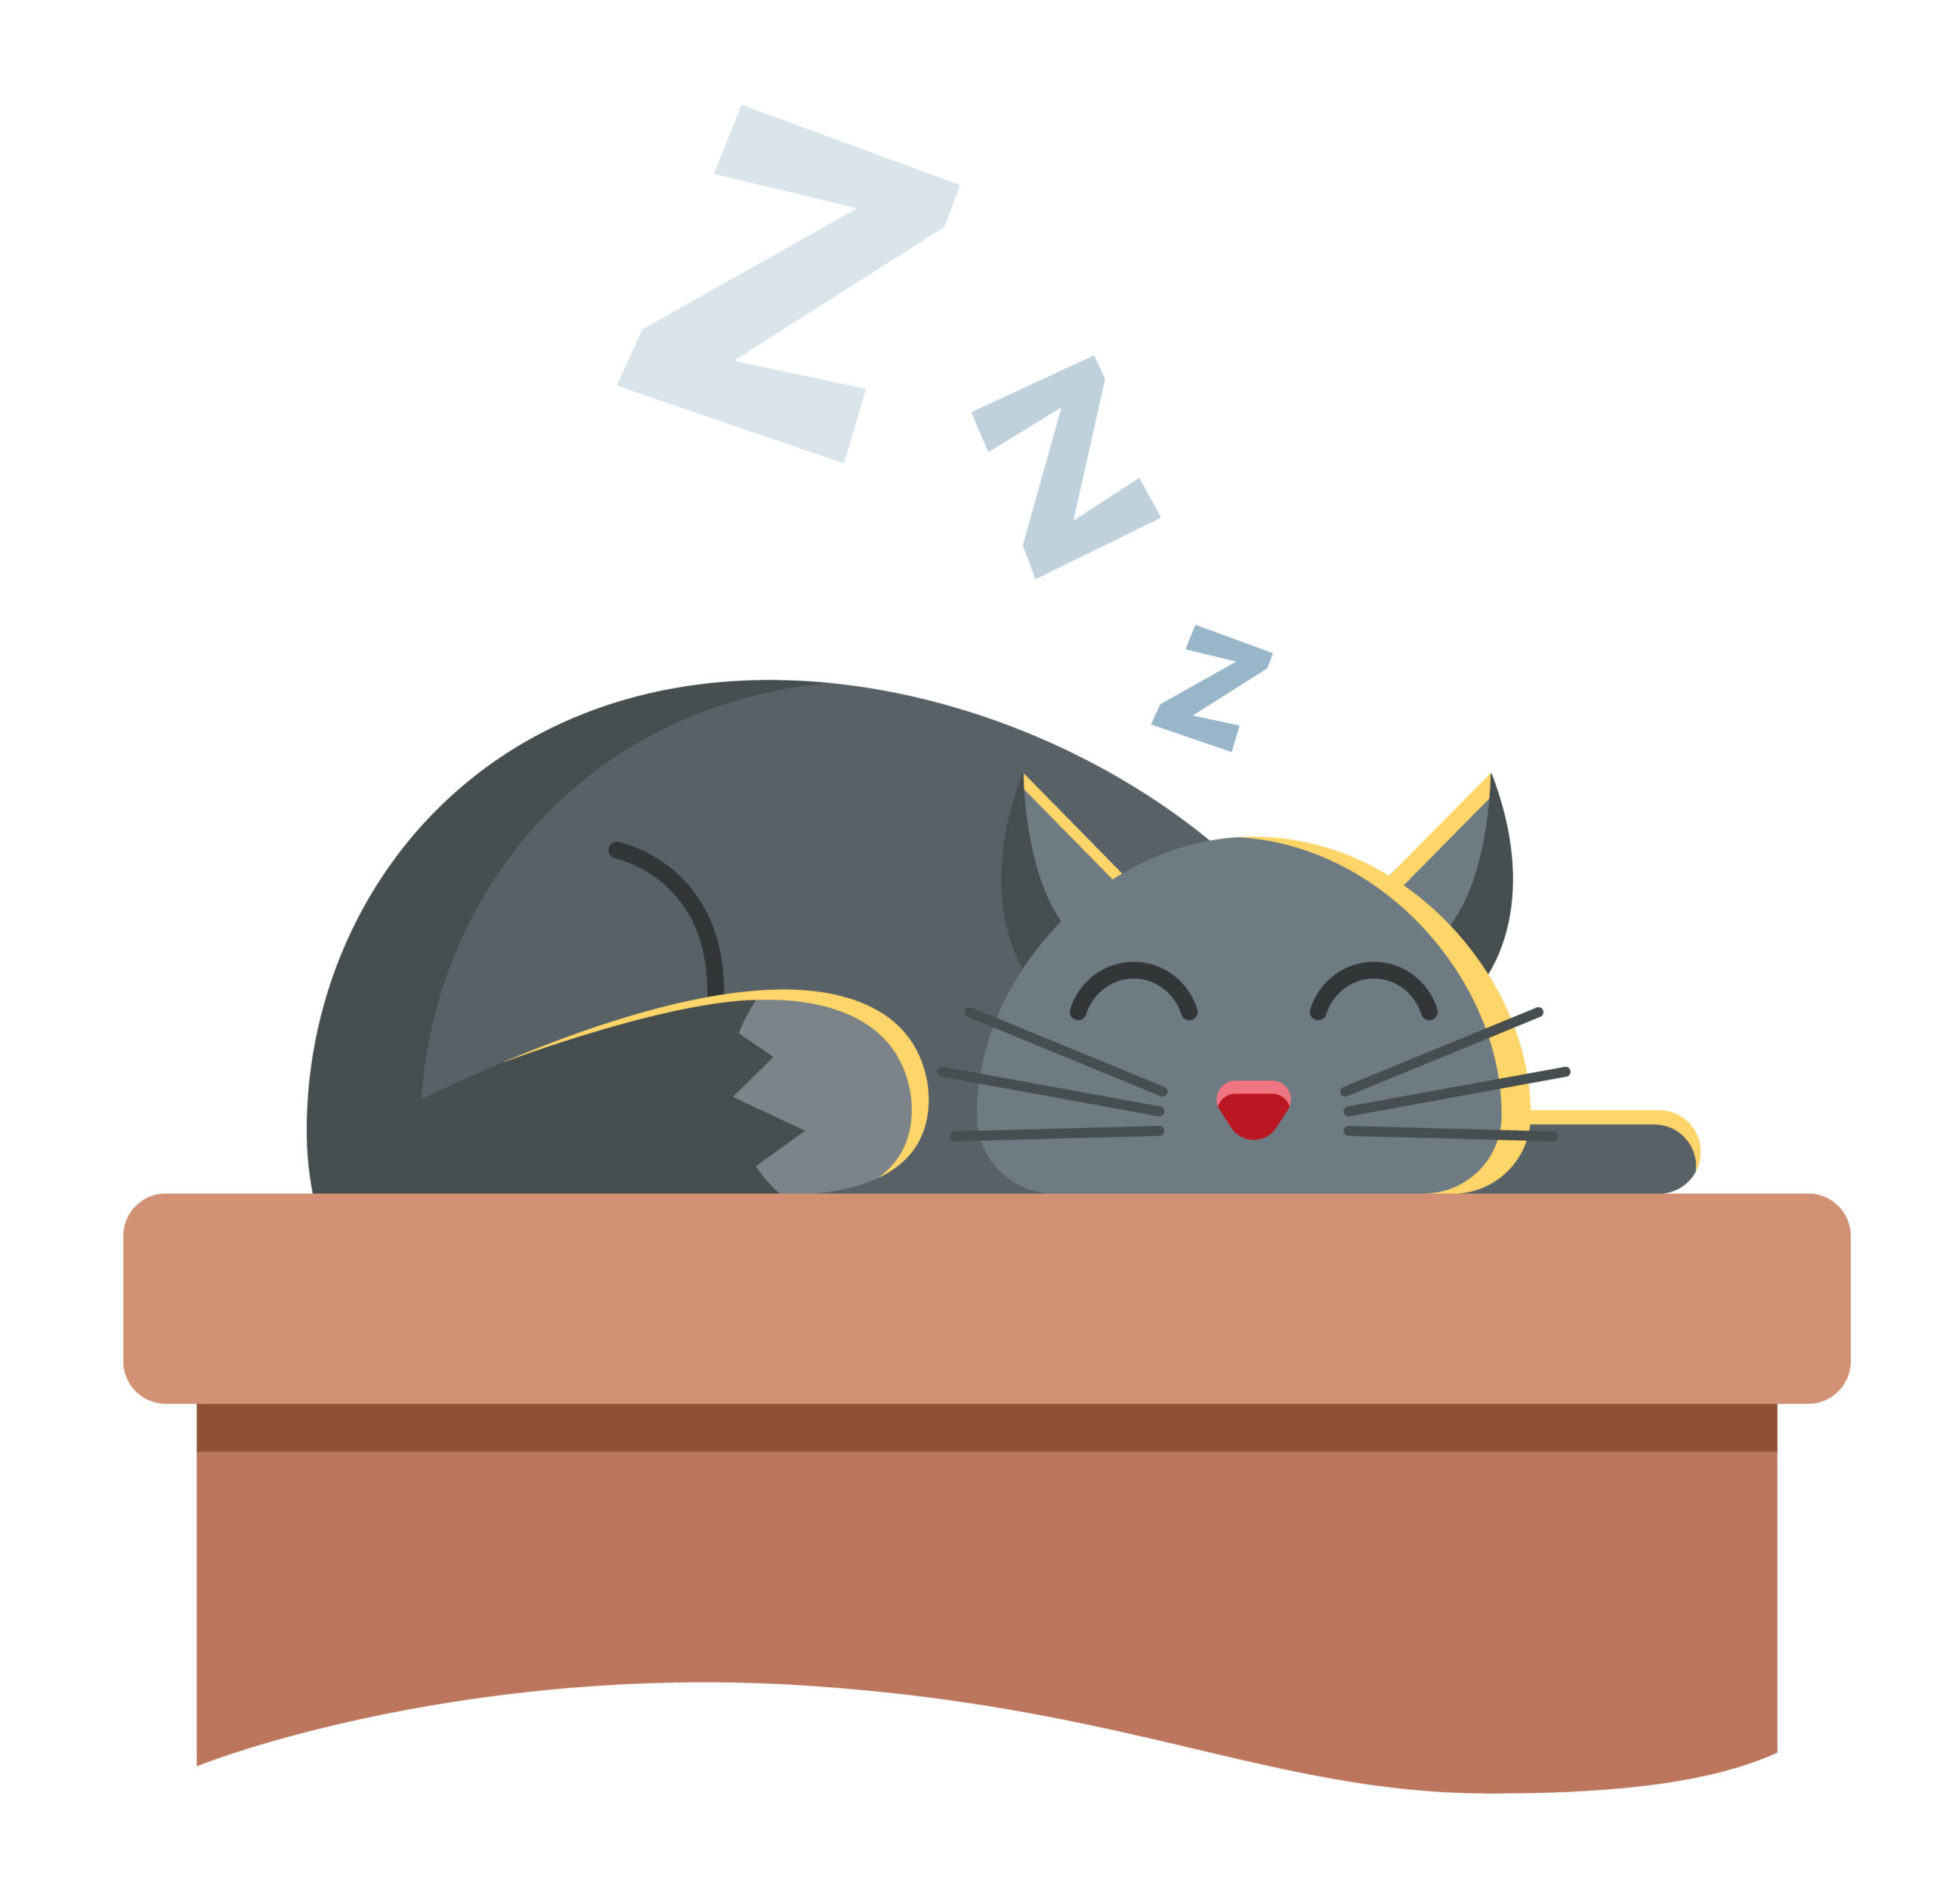 ネコのイビキの原因とは?【気になるイビキの5つの原因と対処法】:まとめ